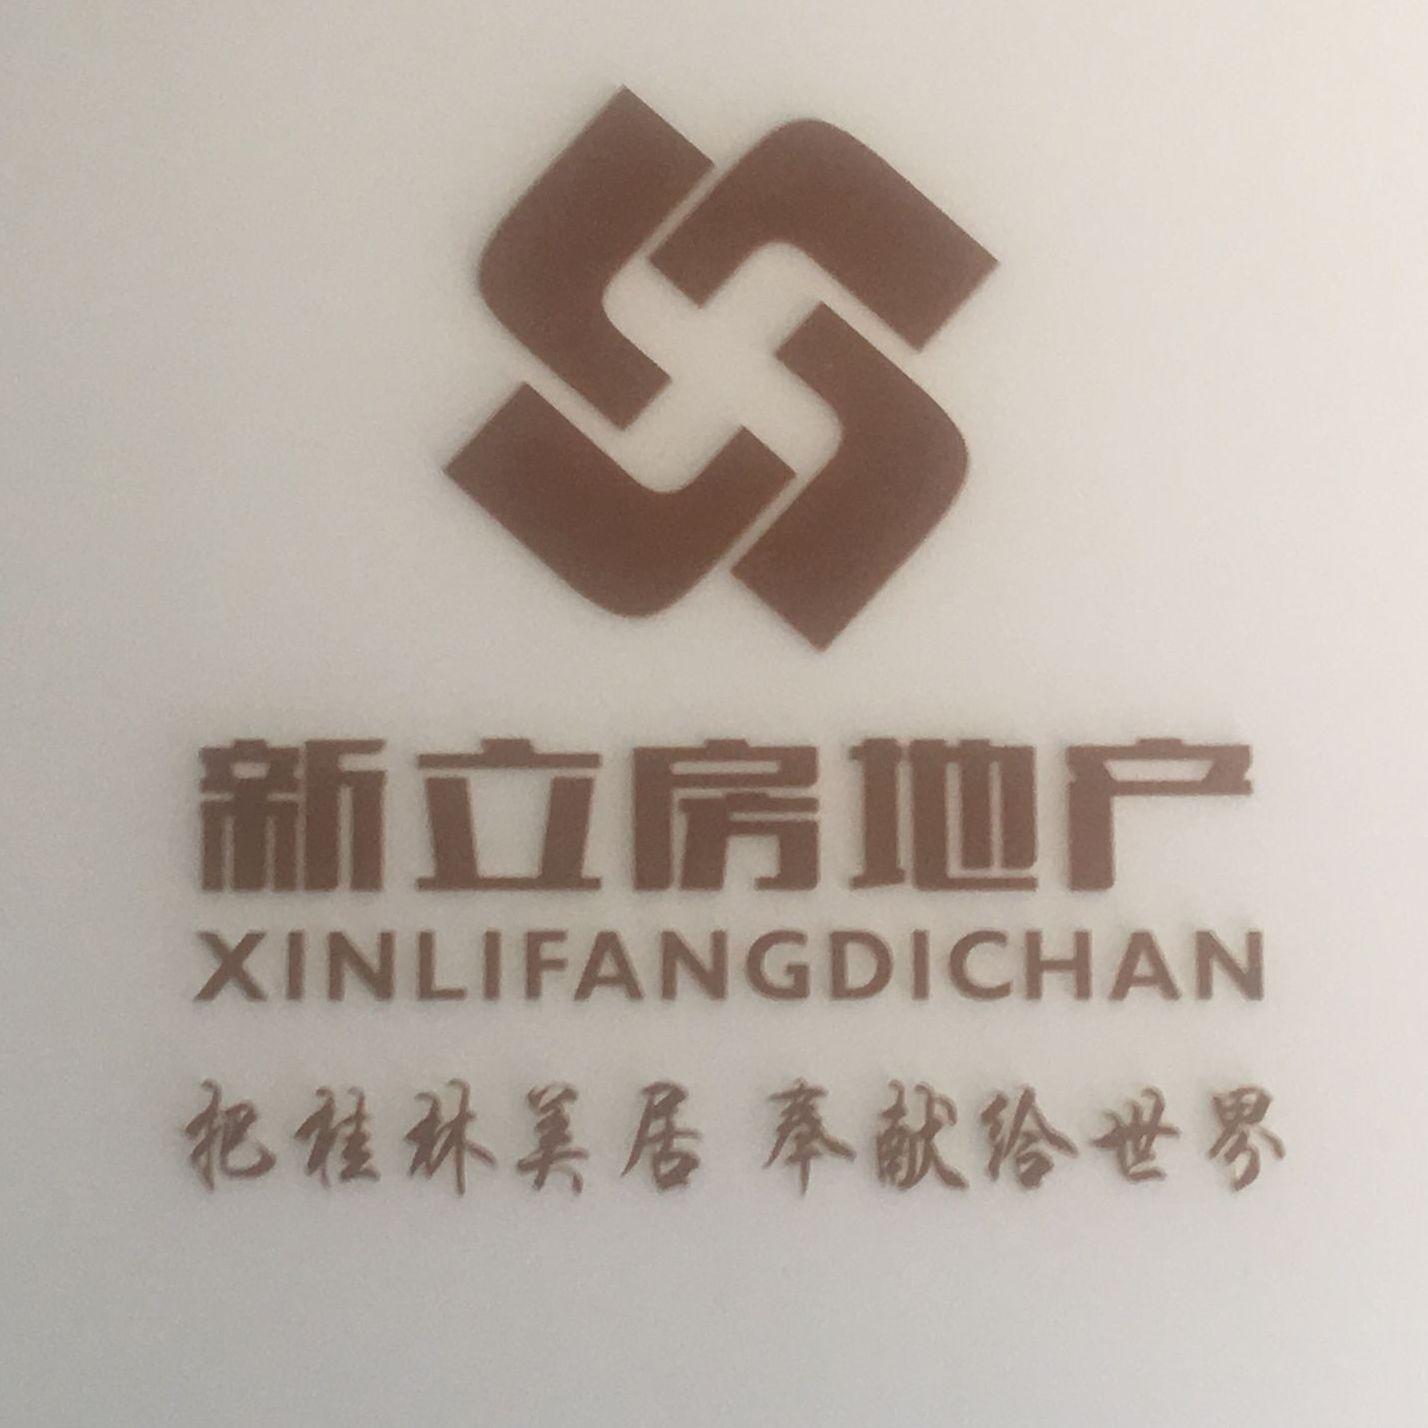 【新立房产】广西新立房地产有限公司招聘:公司标志 logo